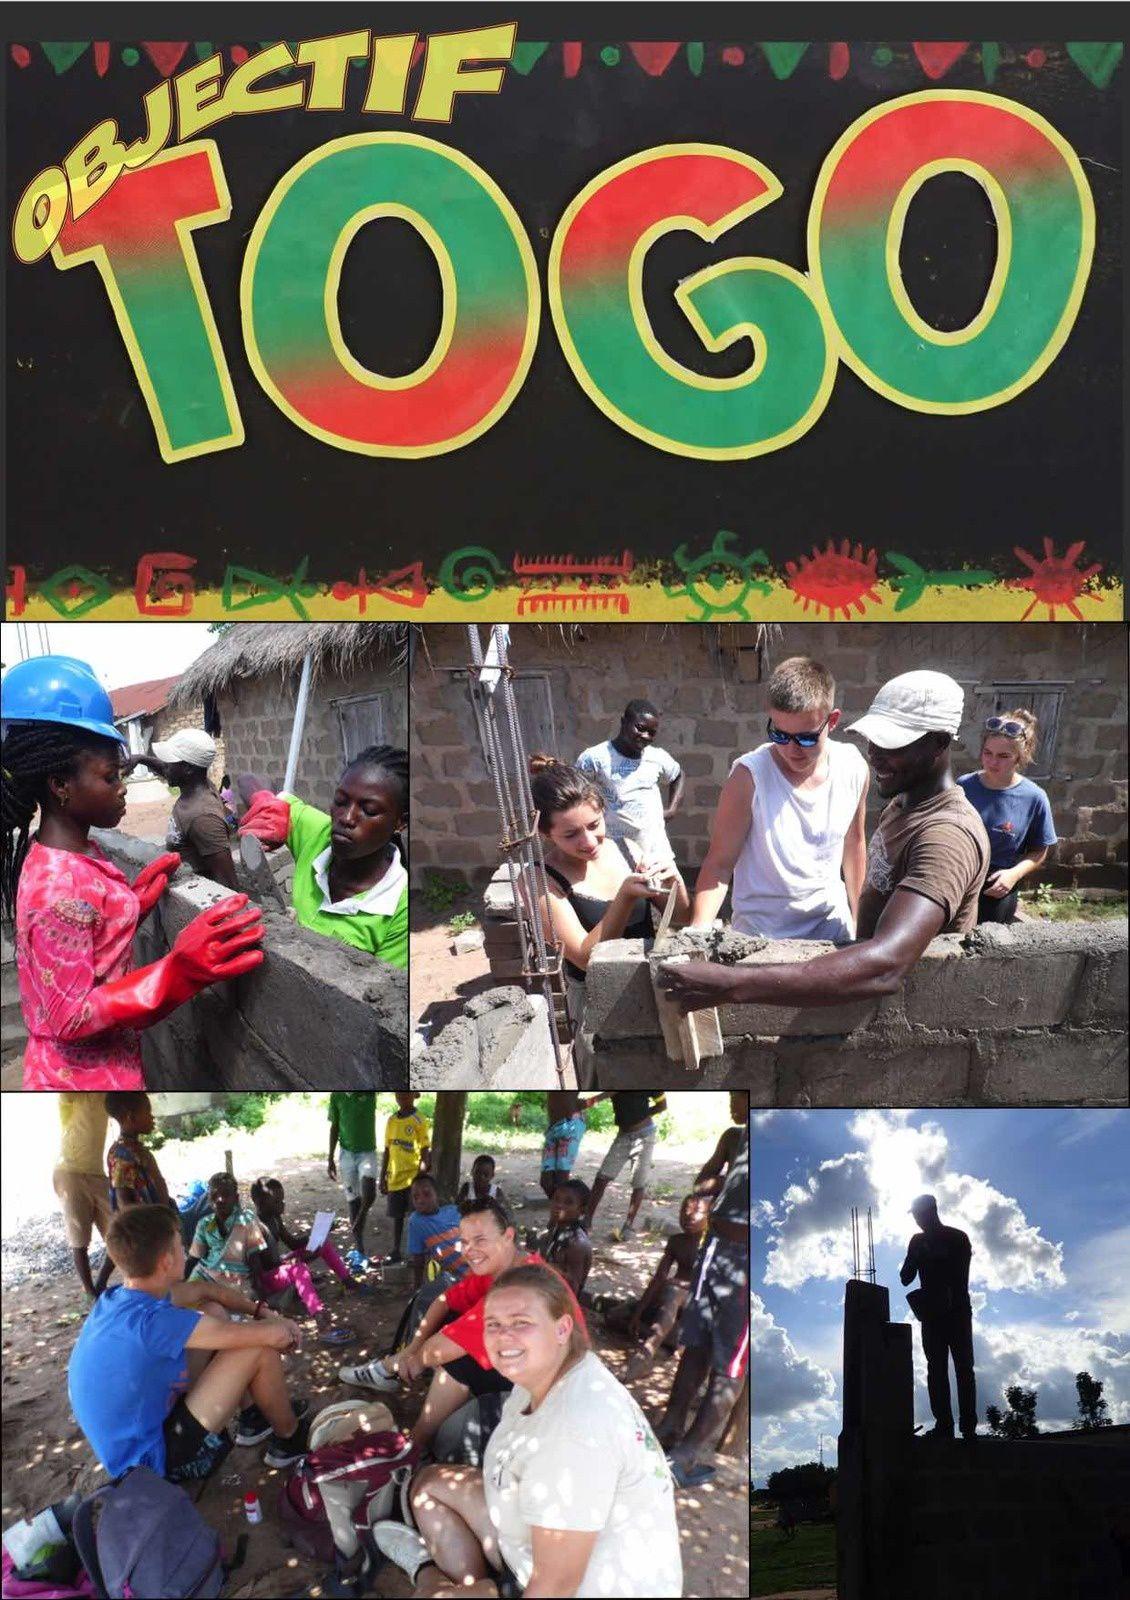 Objectif Togo - Bref résumé en images - Tome 2